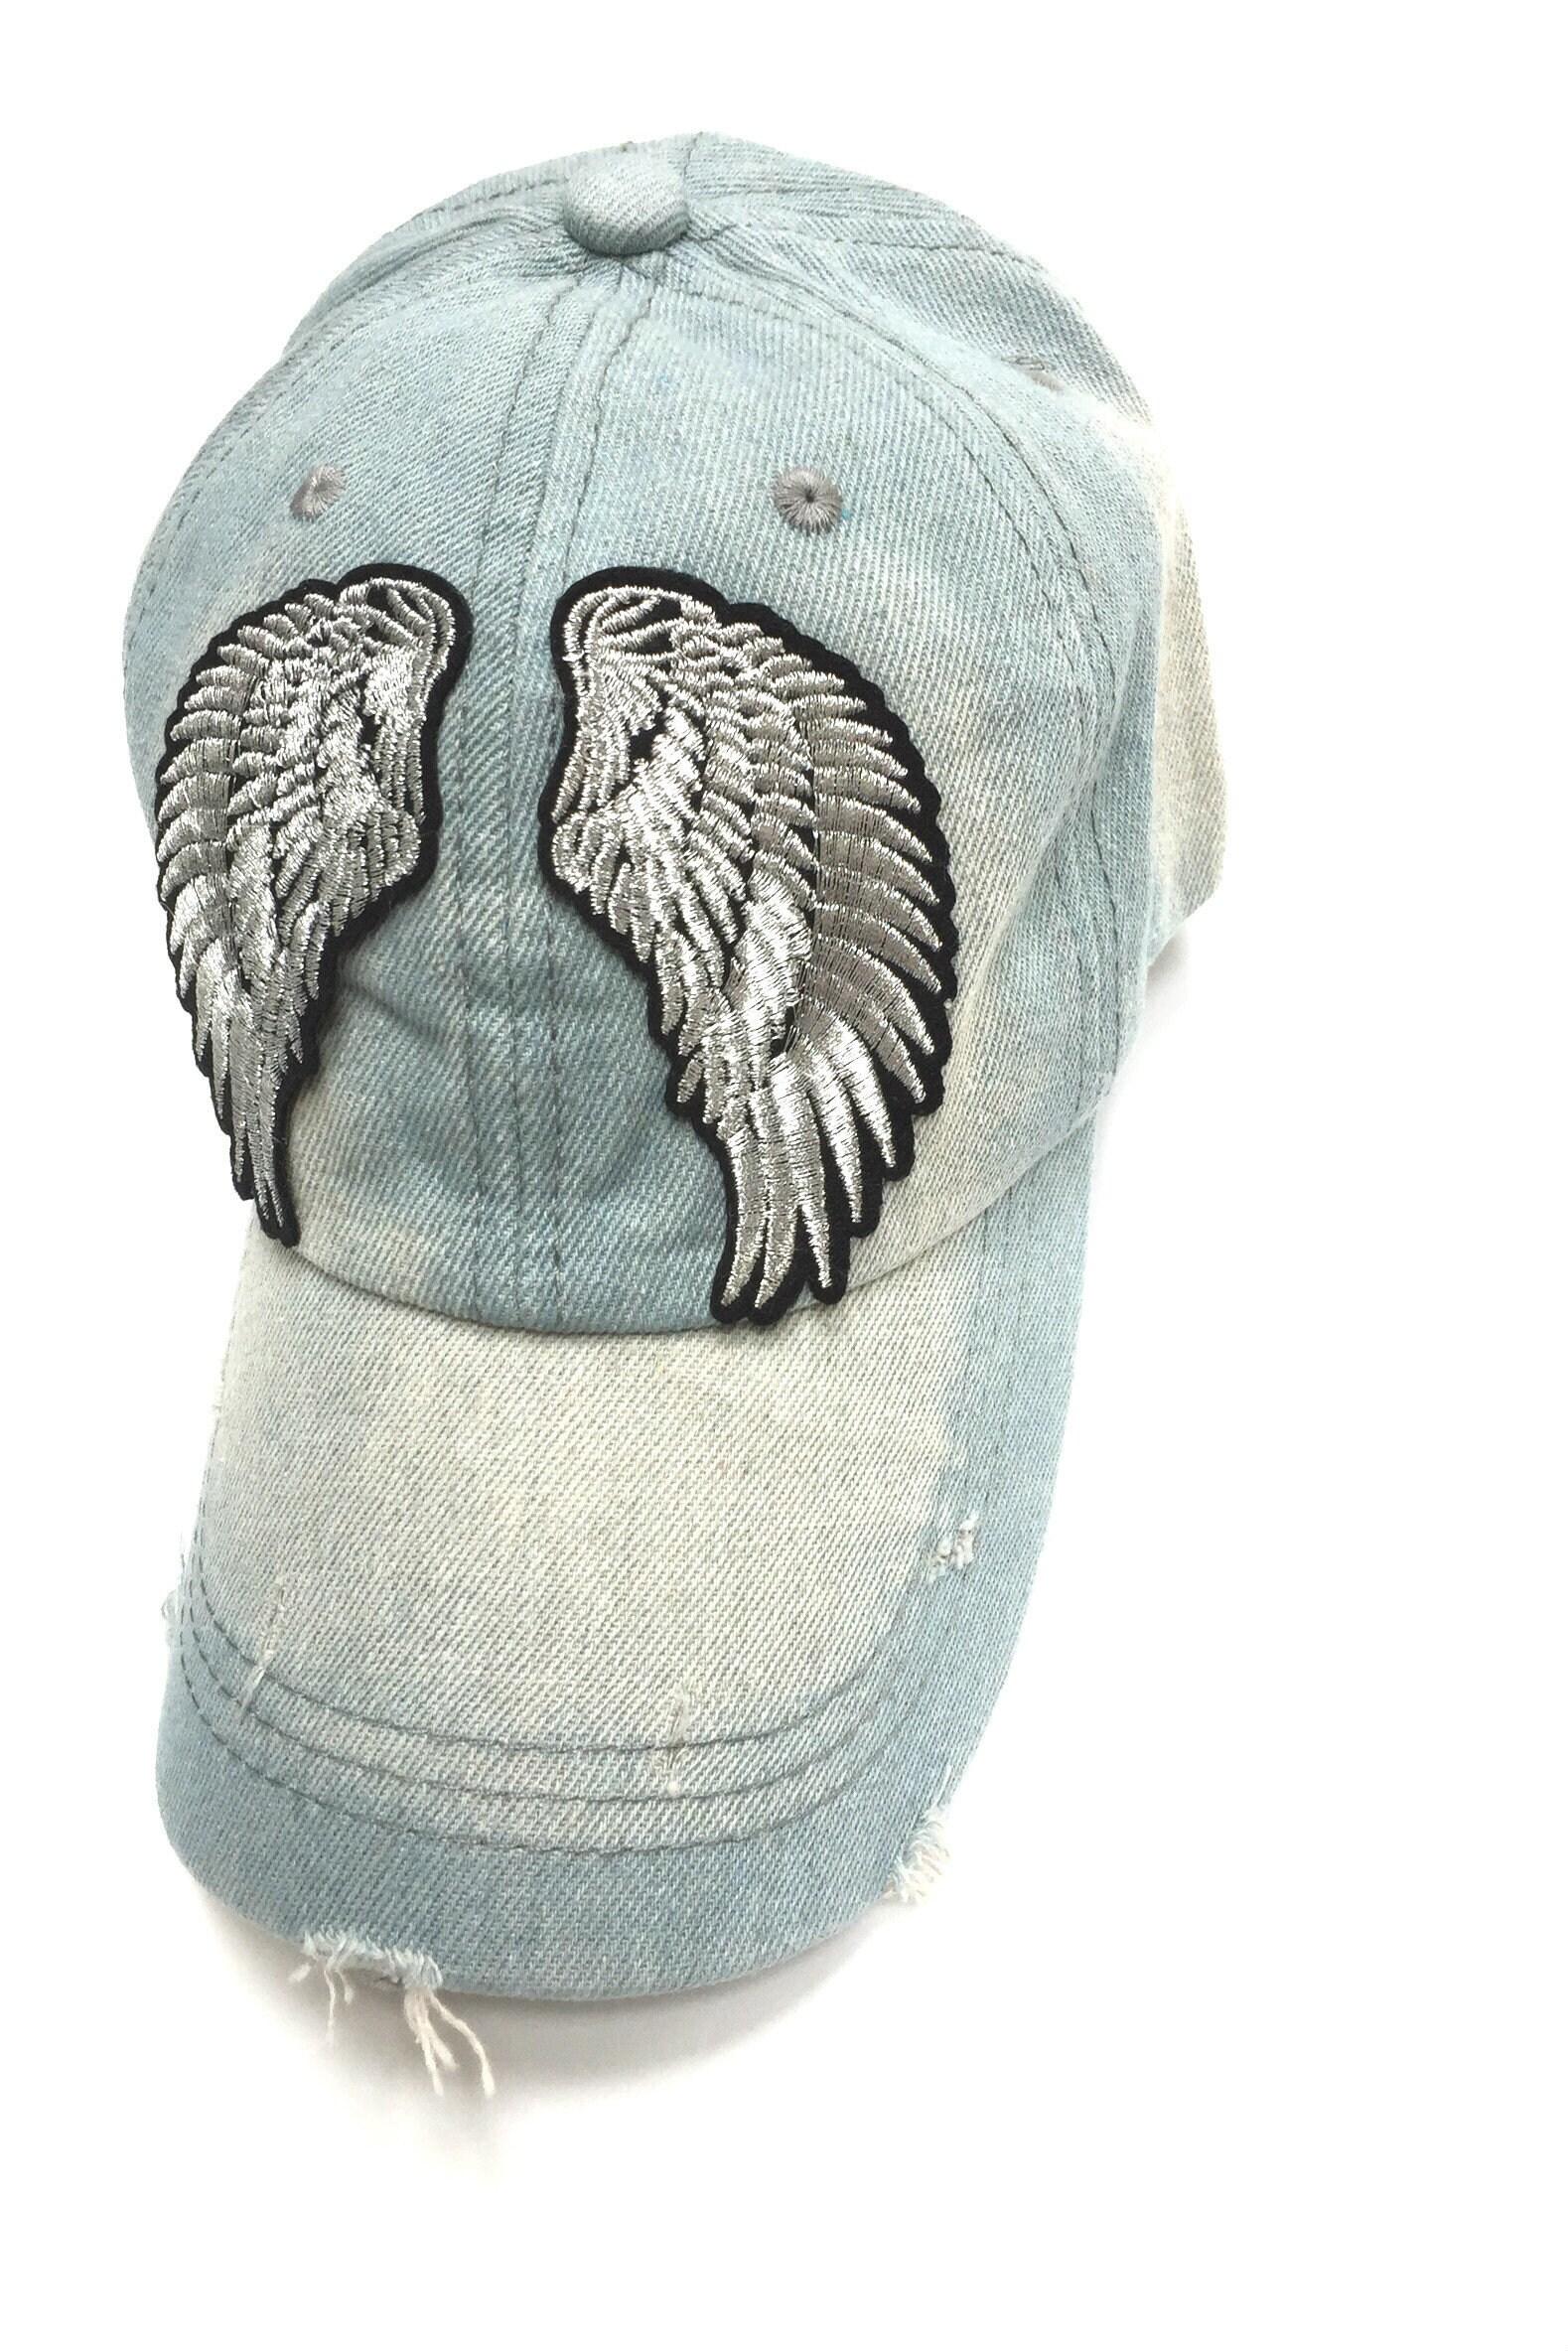 Angel Wings Baseball Cap Unisex Cap Baseball Cap Fashion